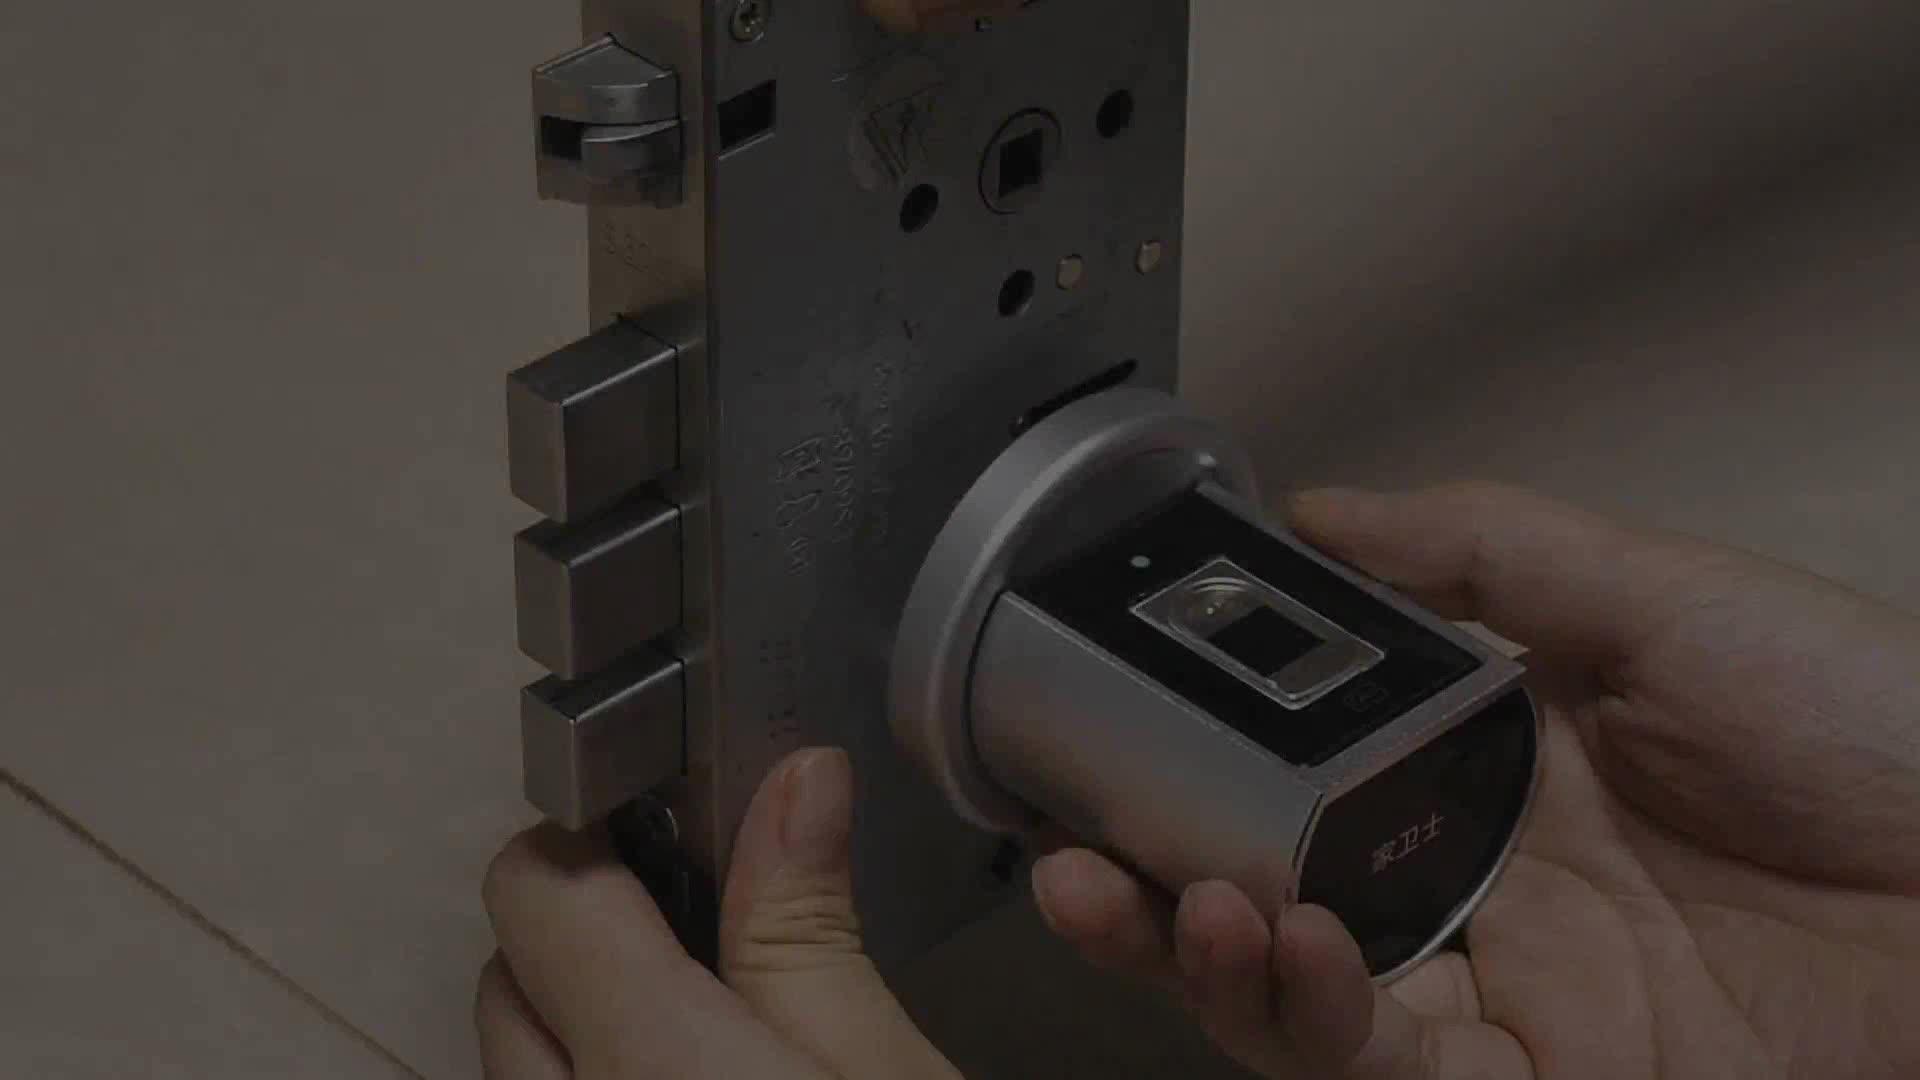 キーレス半導体指紋モジュールアプリ RFID カードロックシリンダー自動ドアロックシステムホーム